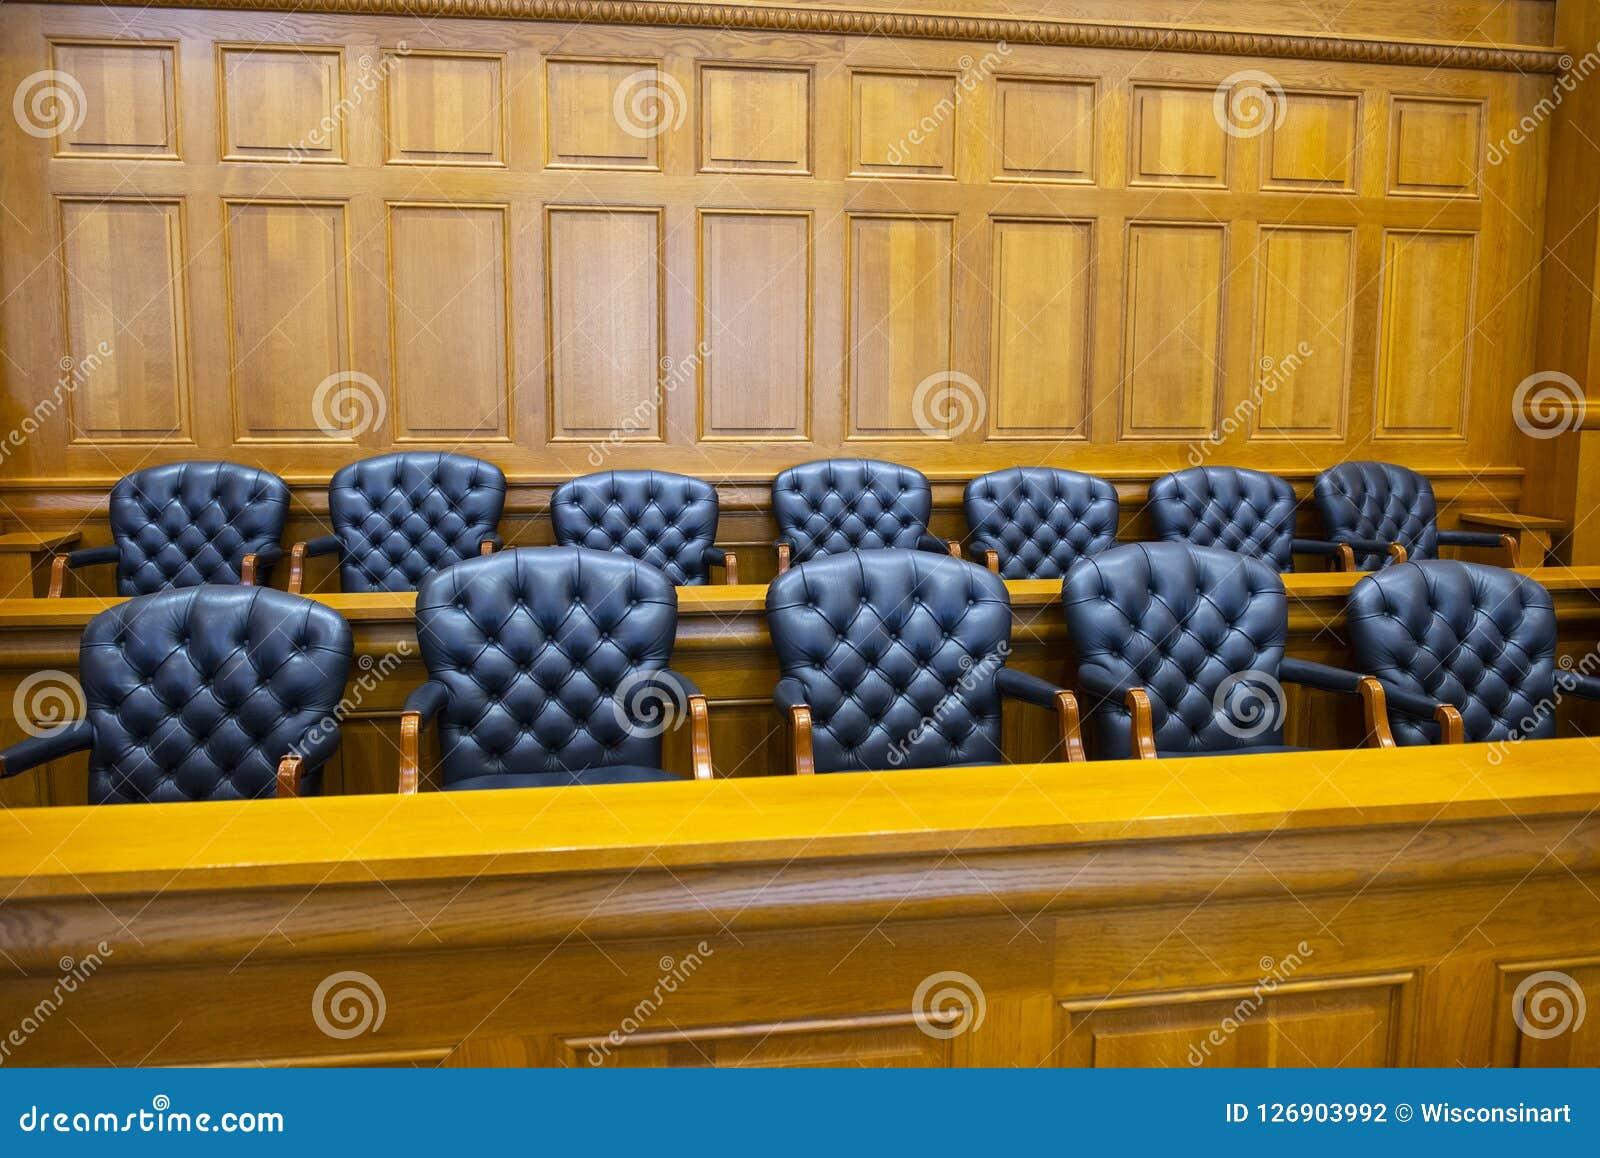 Scatola di giuria, legge, legale, avvocato, giudice, aula del tribunale